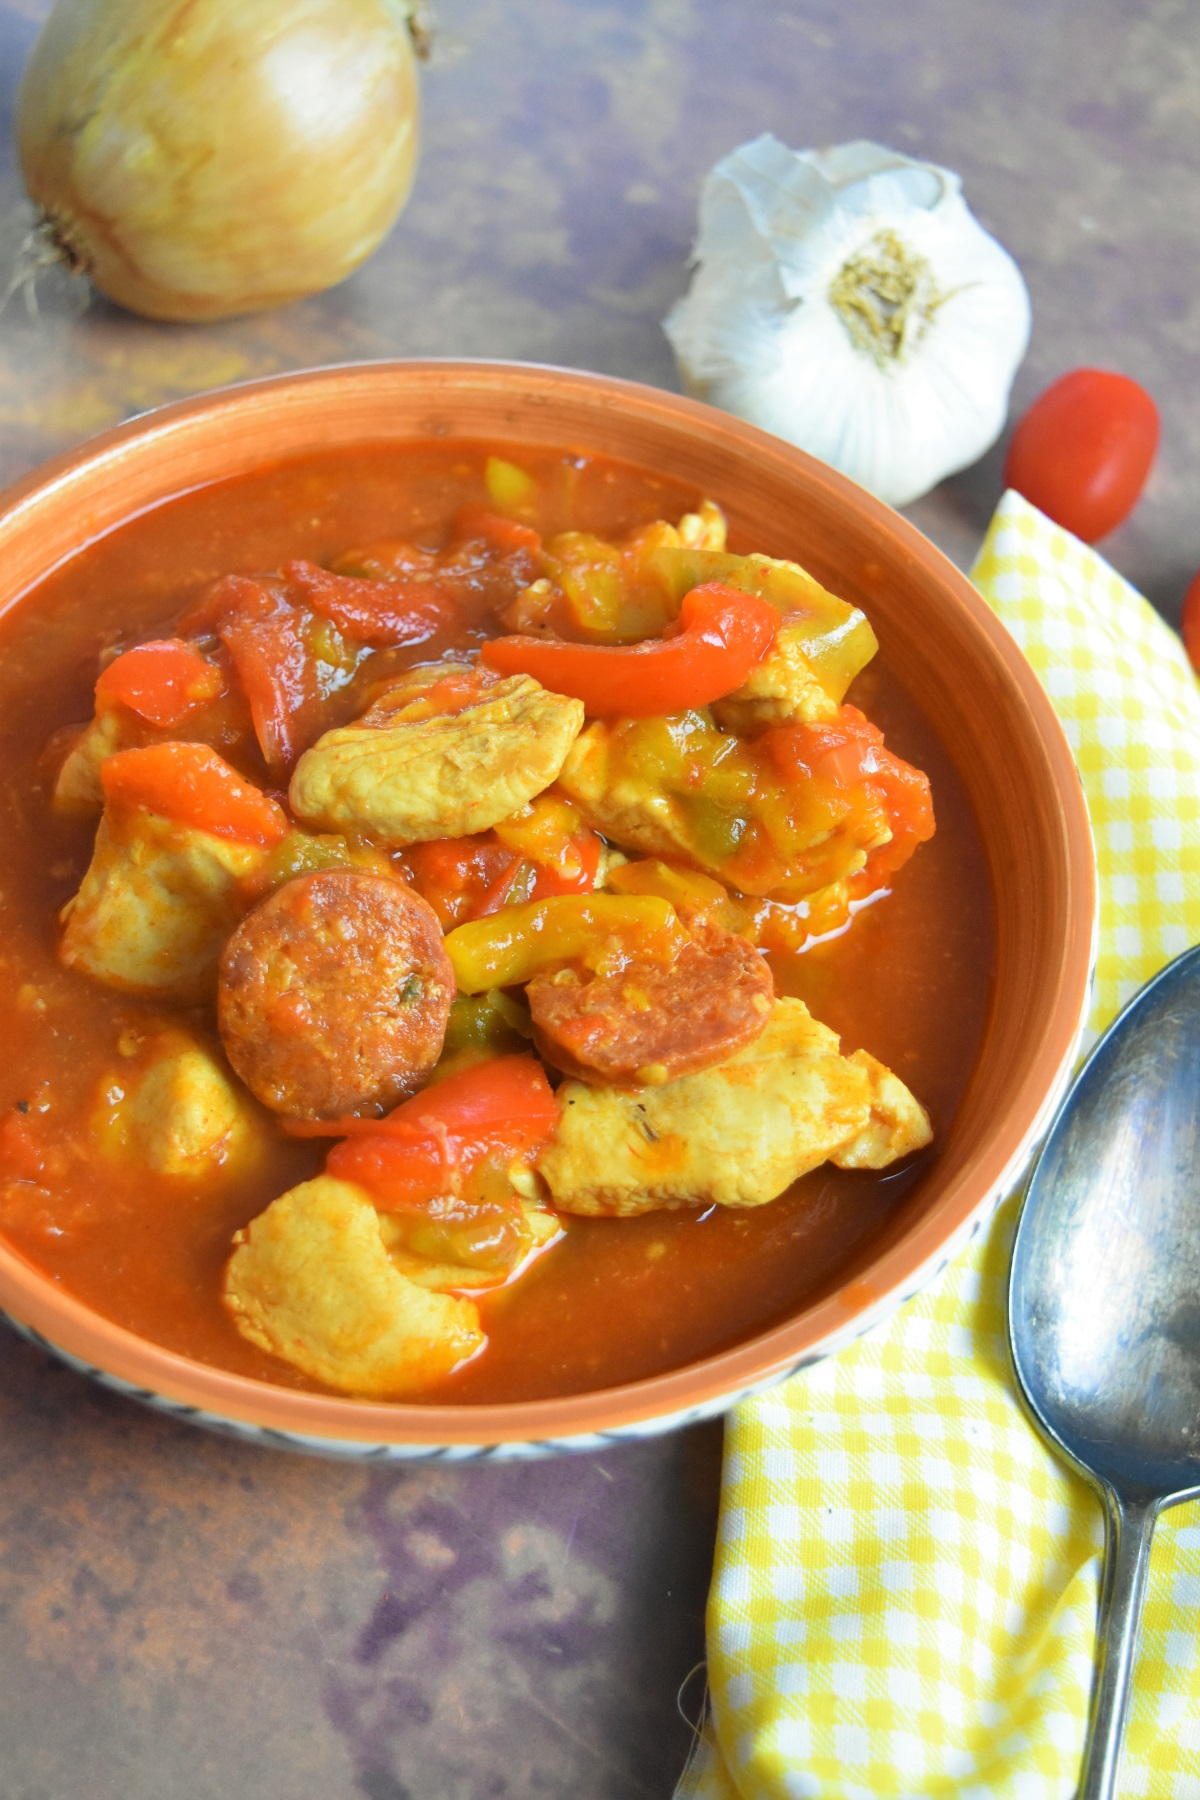 Poulet Basquaise Au Chorizo : poulet, basquaise, chorizo, Poulet, Basquaise, Chorizo, Recette, Cookeo